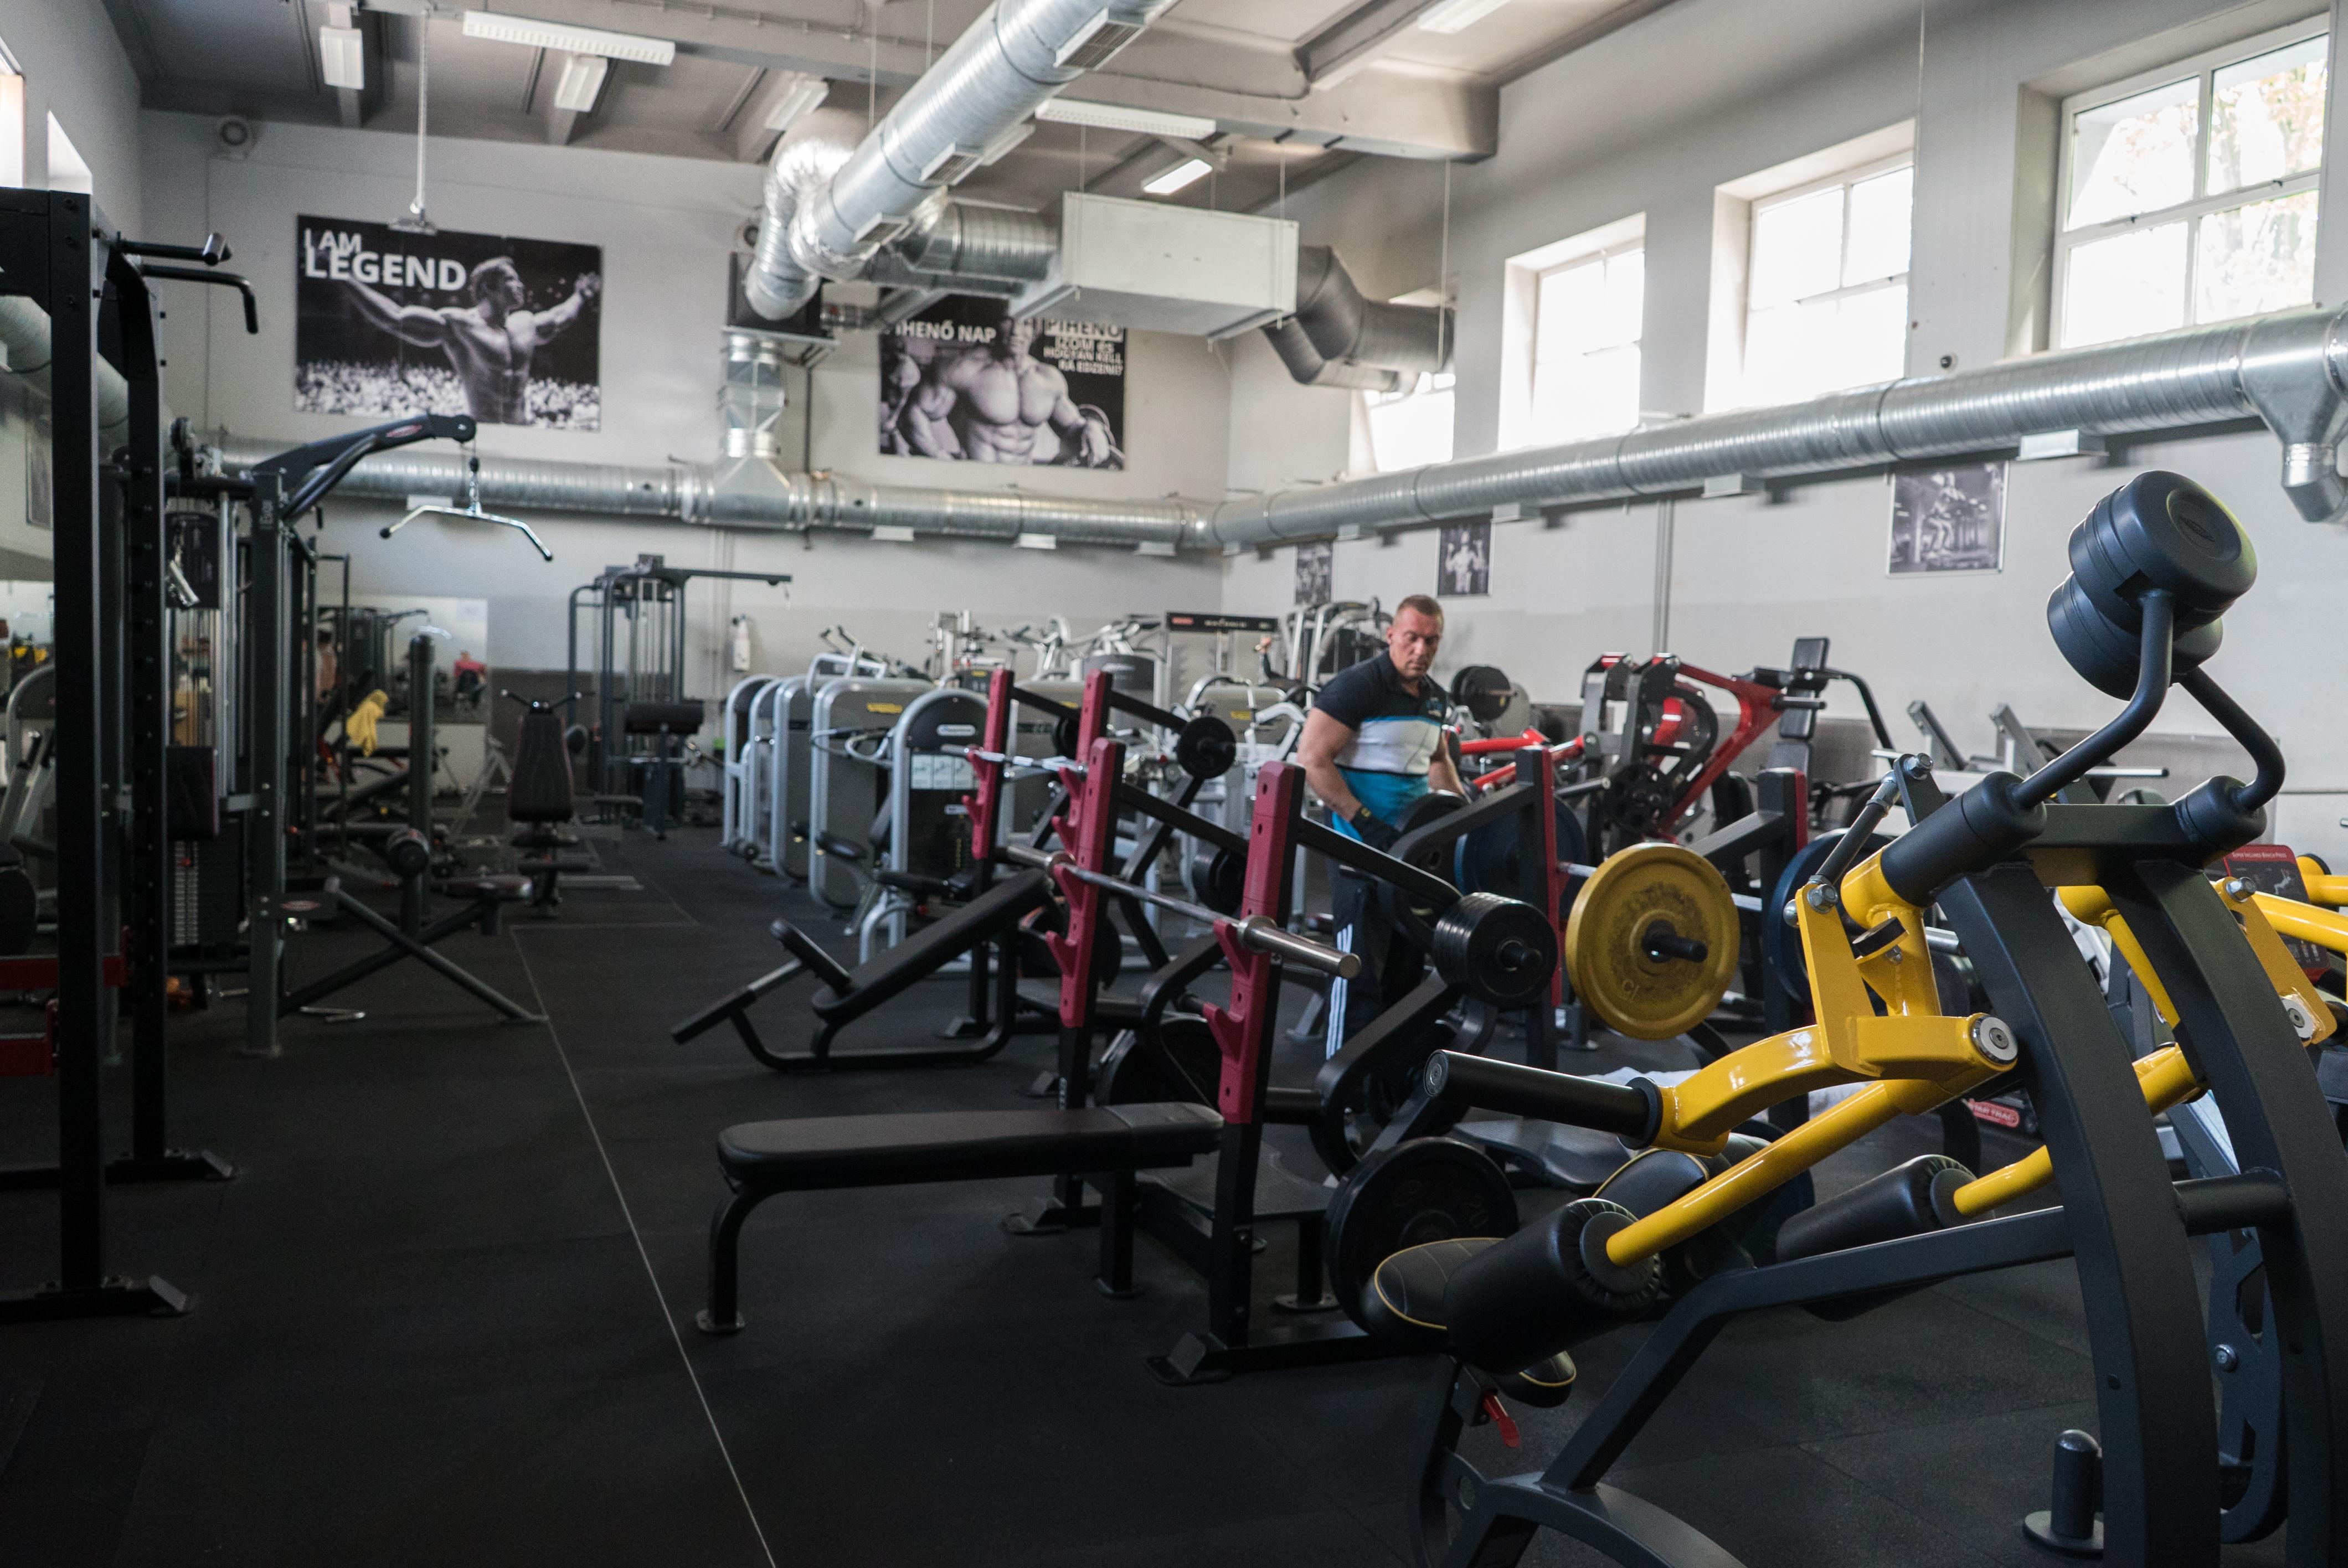 170 igazolt sportoló edzett egy budapesti pláza edzőtermében, mikor a rendőrök razziát tartottak